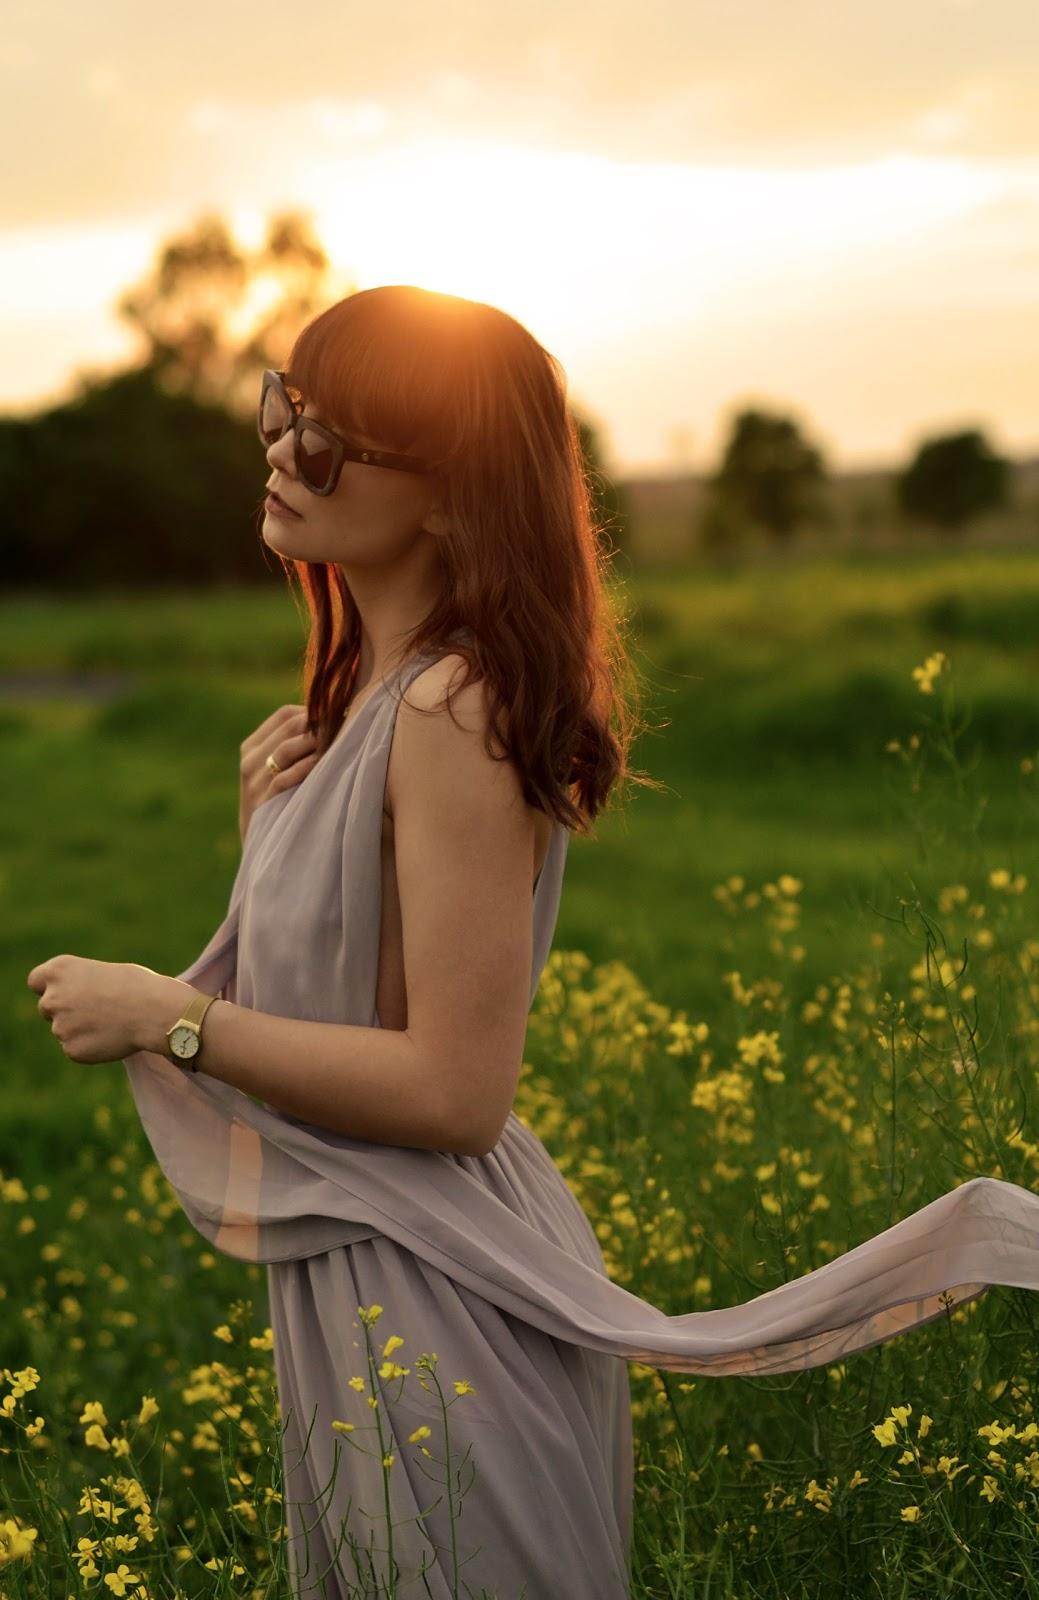 letnia sukienka | sukienka na wakacje | idealna sukienka maxi | dluga sukienka na wesele | blog o modzie | moda blog